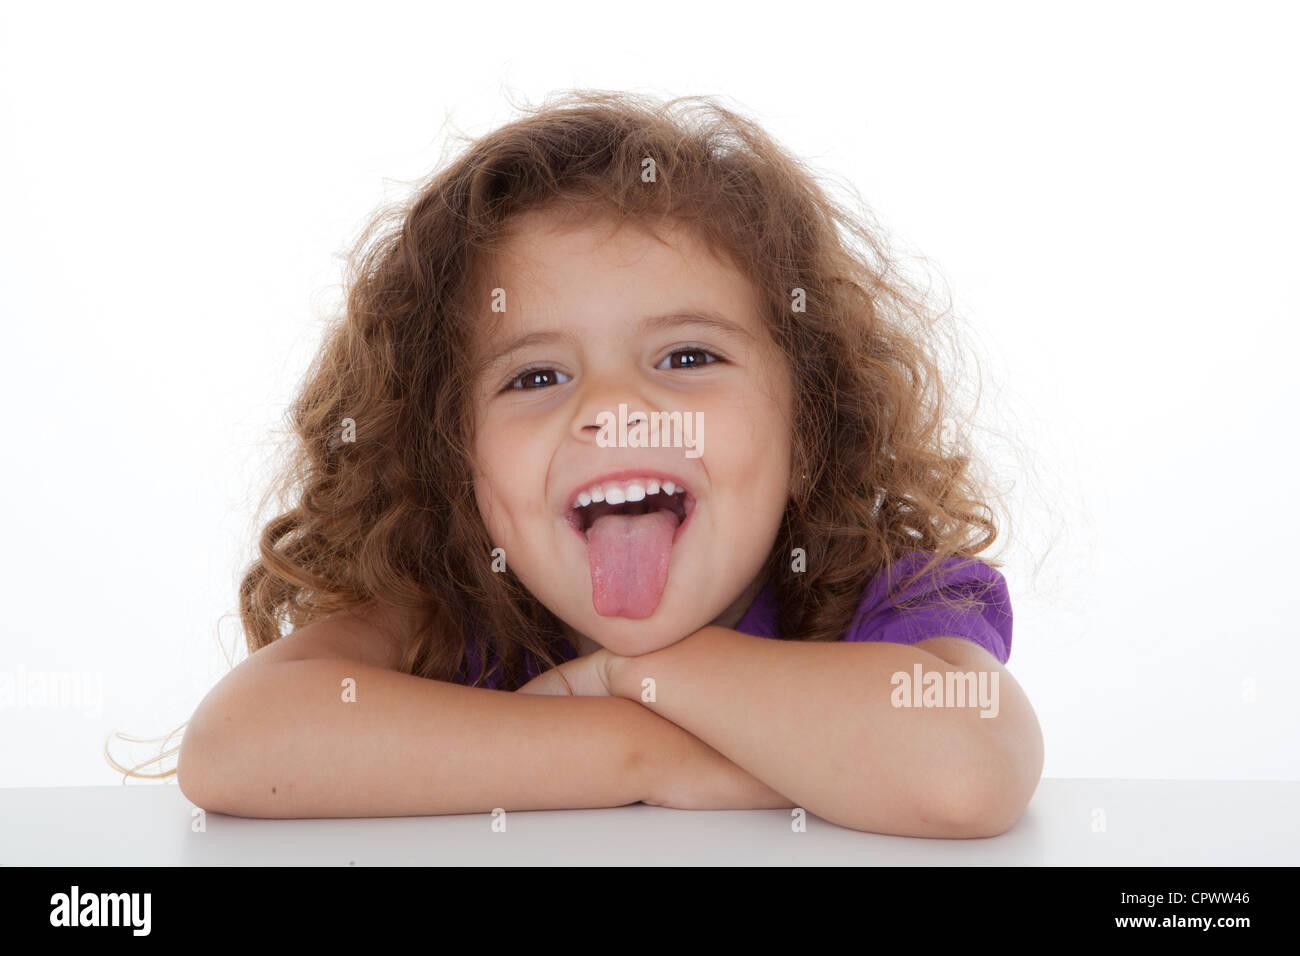 Cheeky bambino inceppato il pollice. Immagini Stock